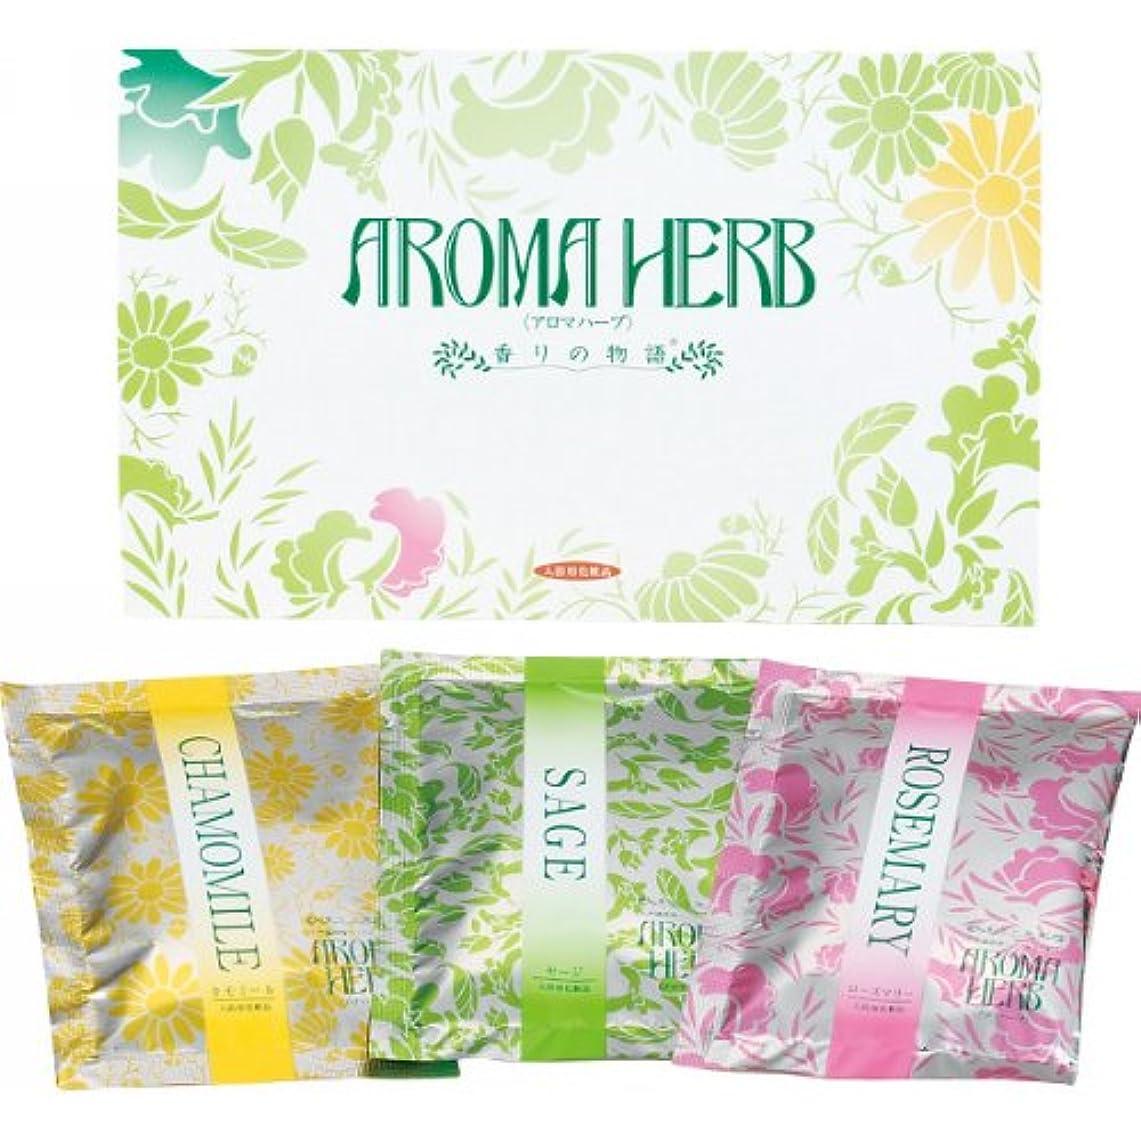 アロマハーブ香りの物語(3包)